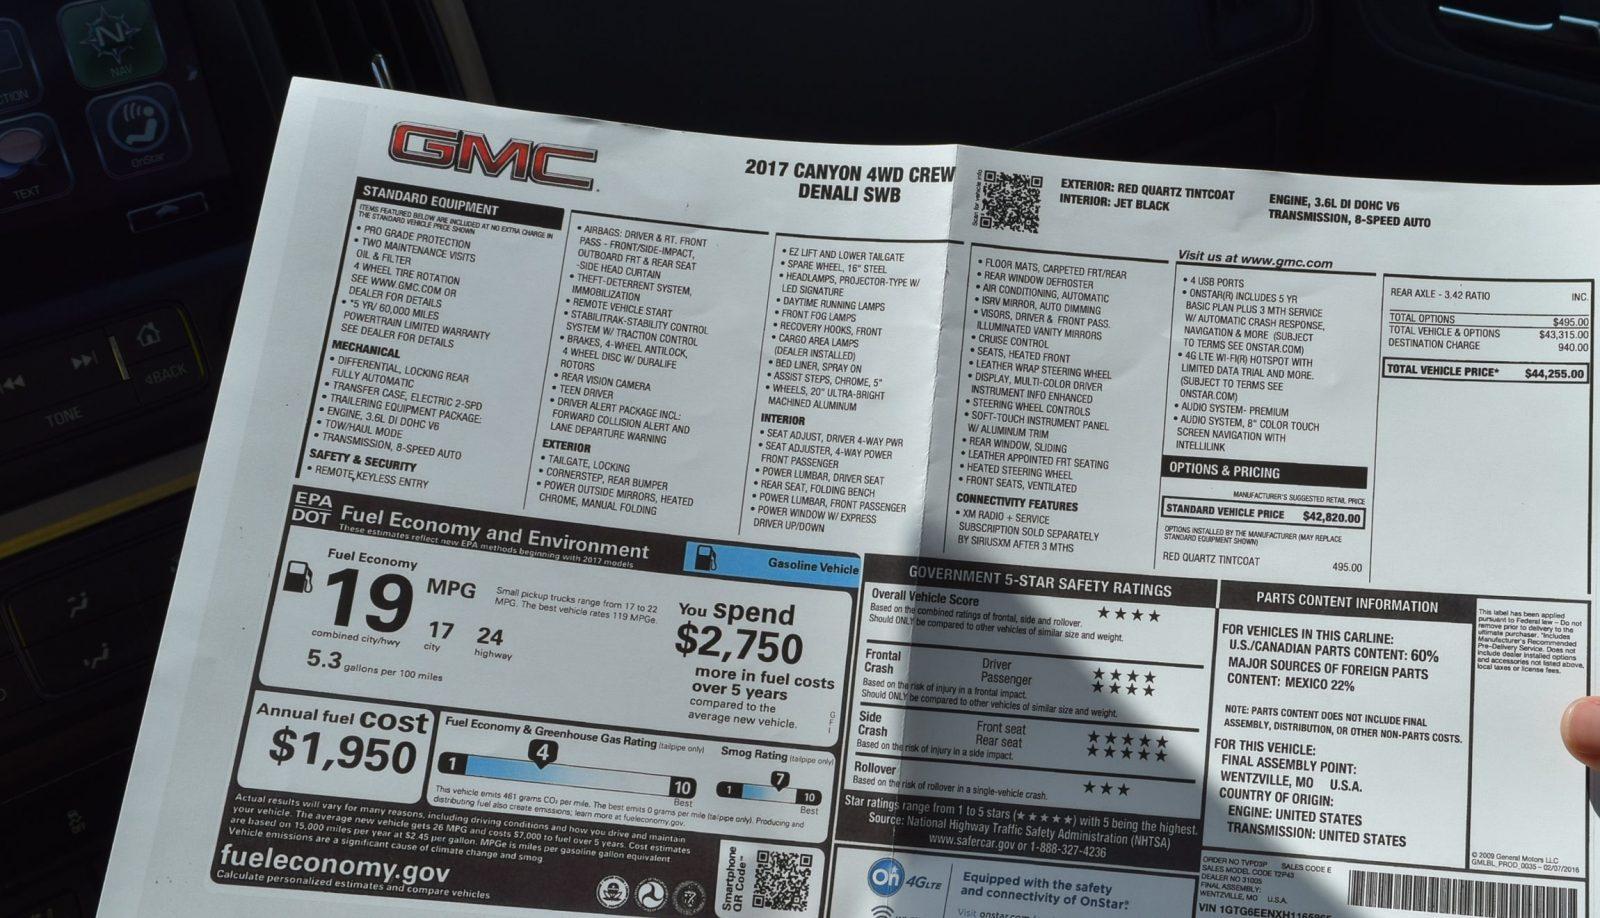 2017 GMC Canyon Denali 4x4 SWB Crew 2